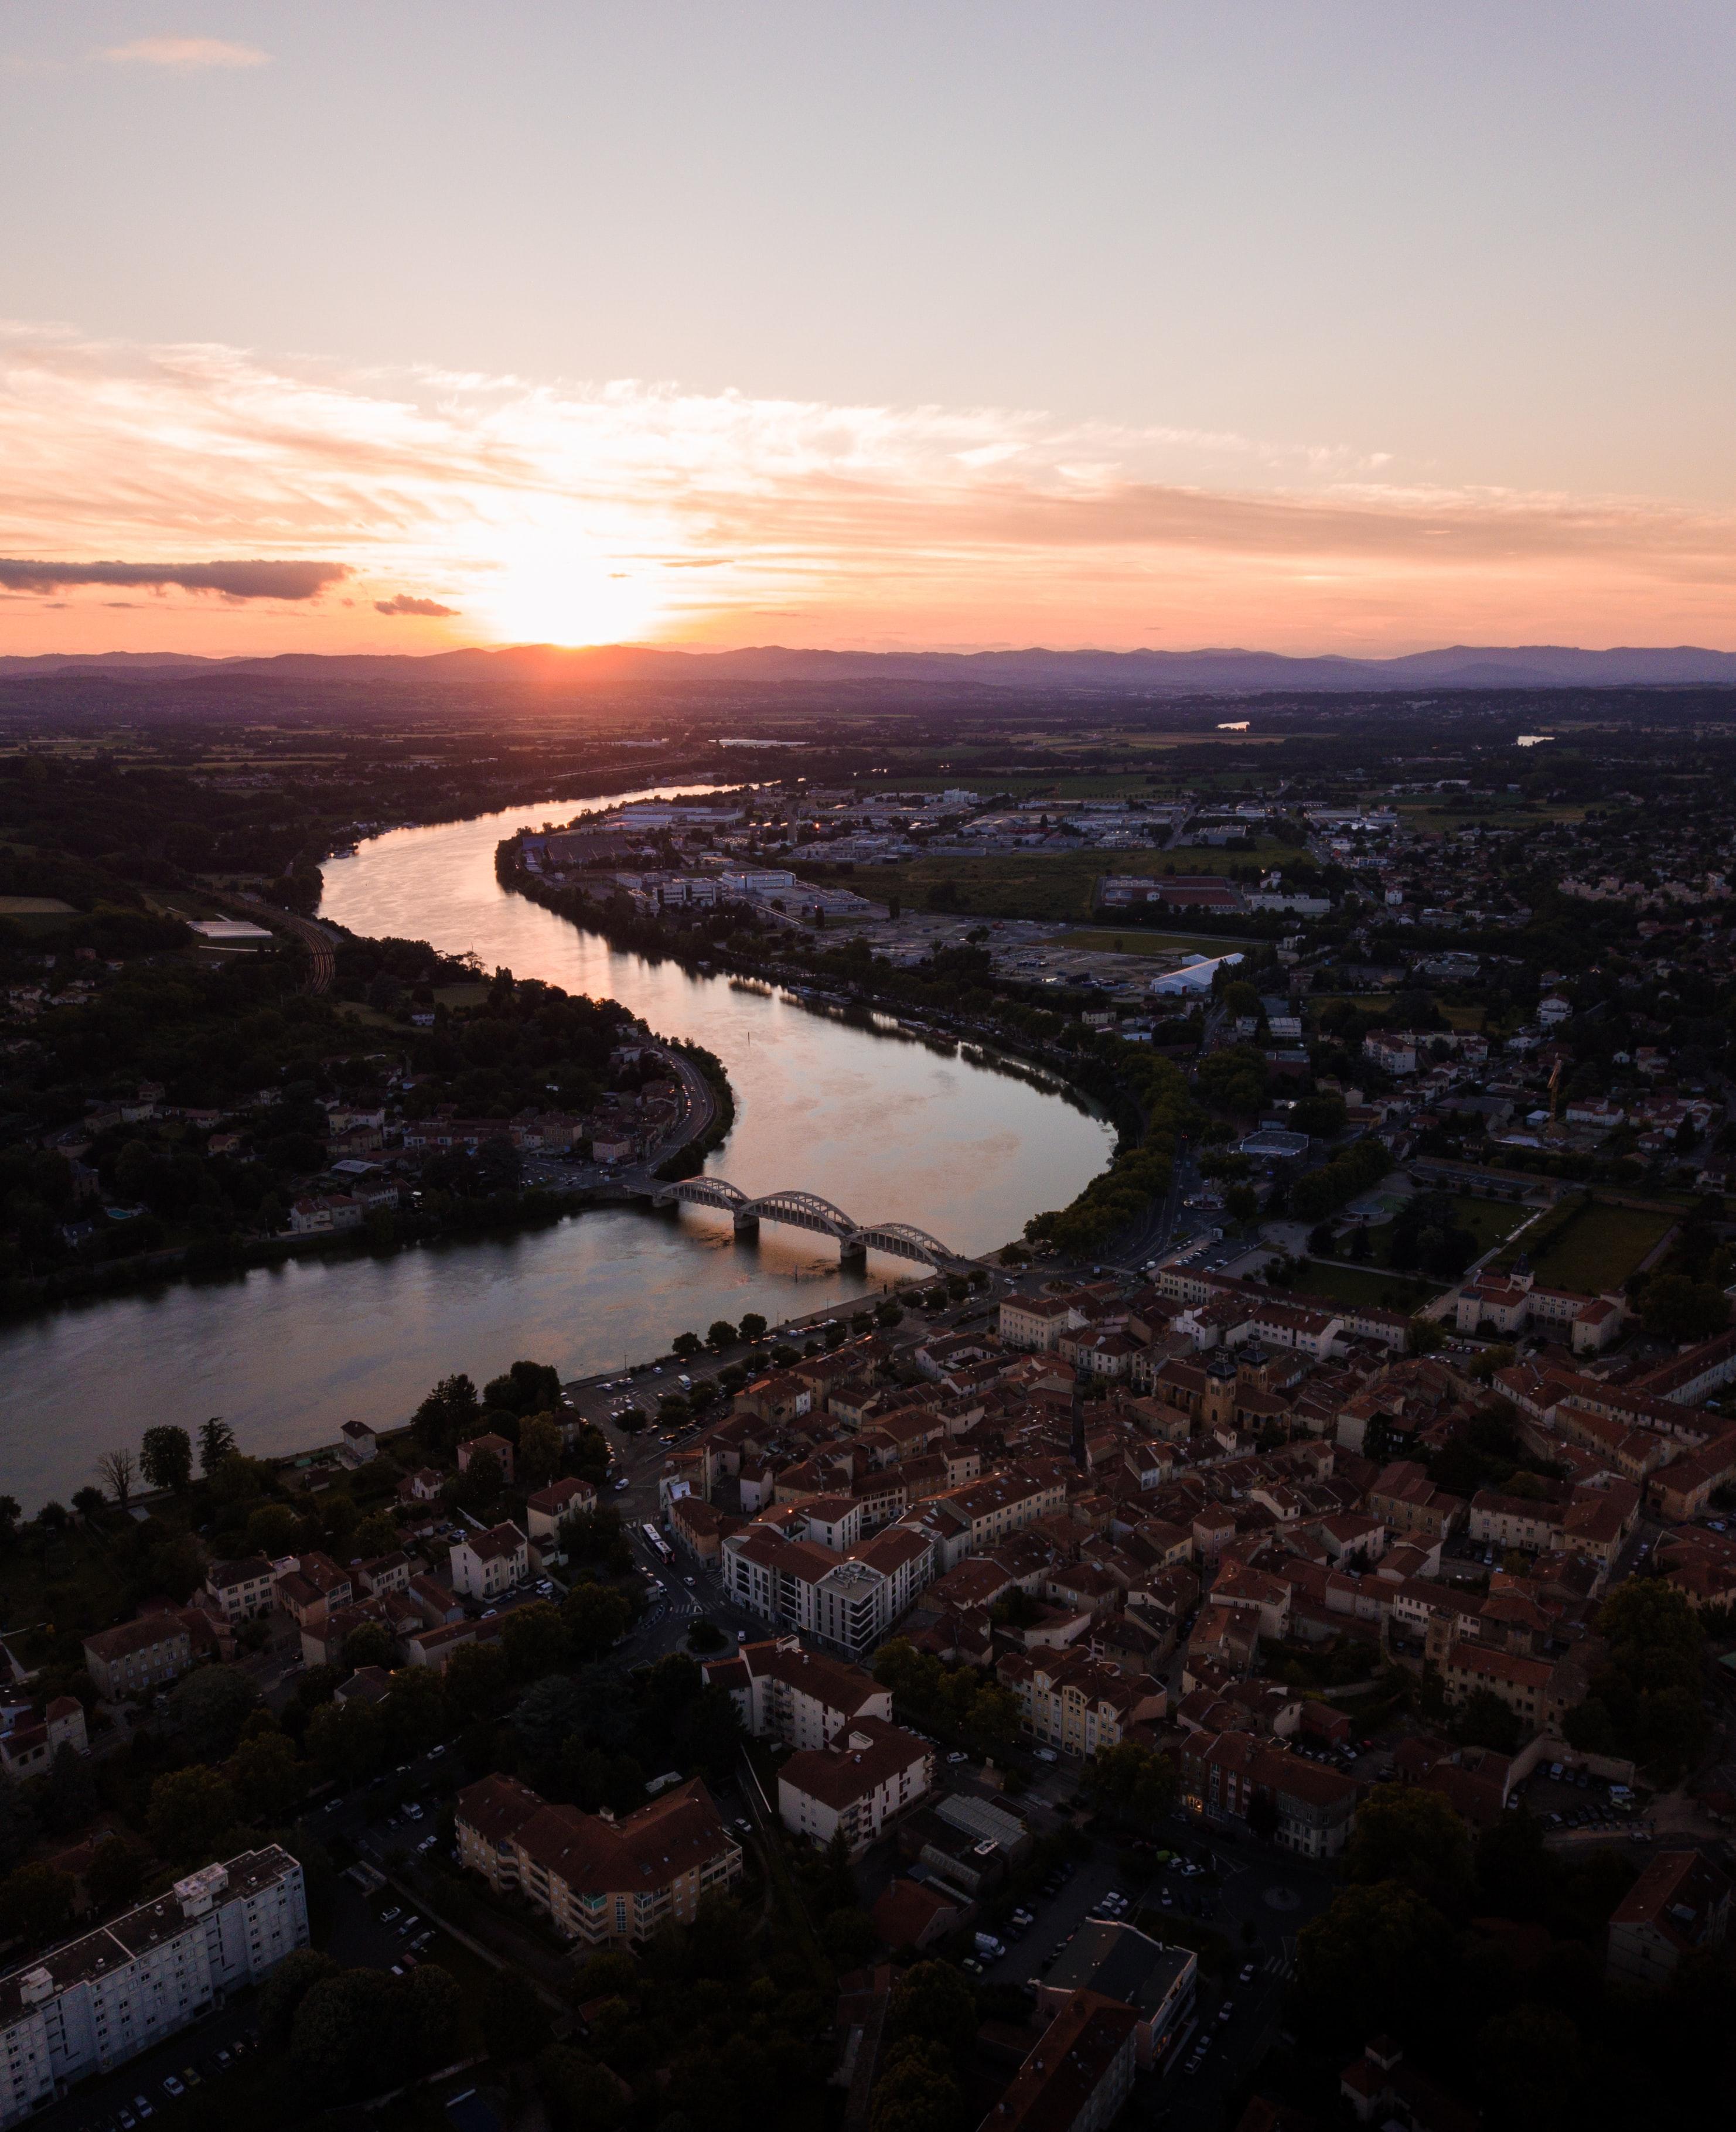 148747 скачать обои Природа, Река, Город, Закат, Крыши - заставки и картинки бесплатно